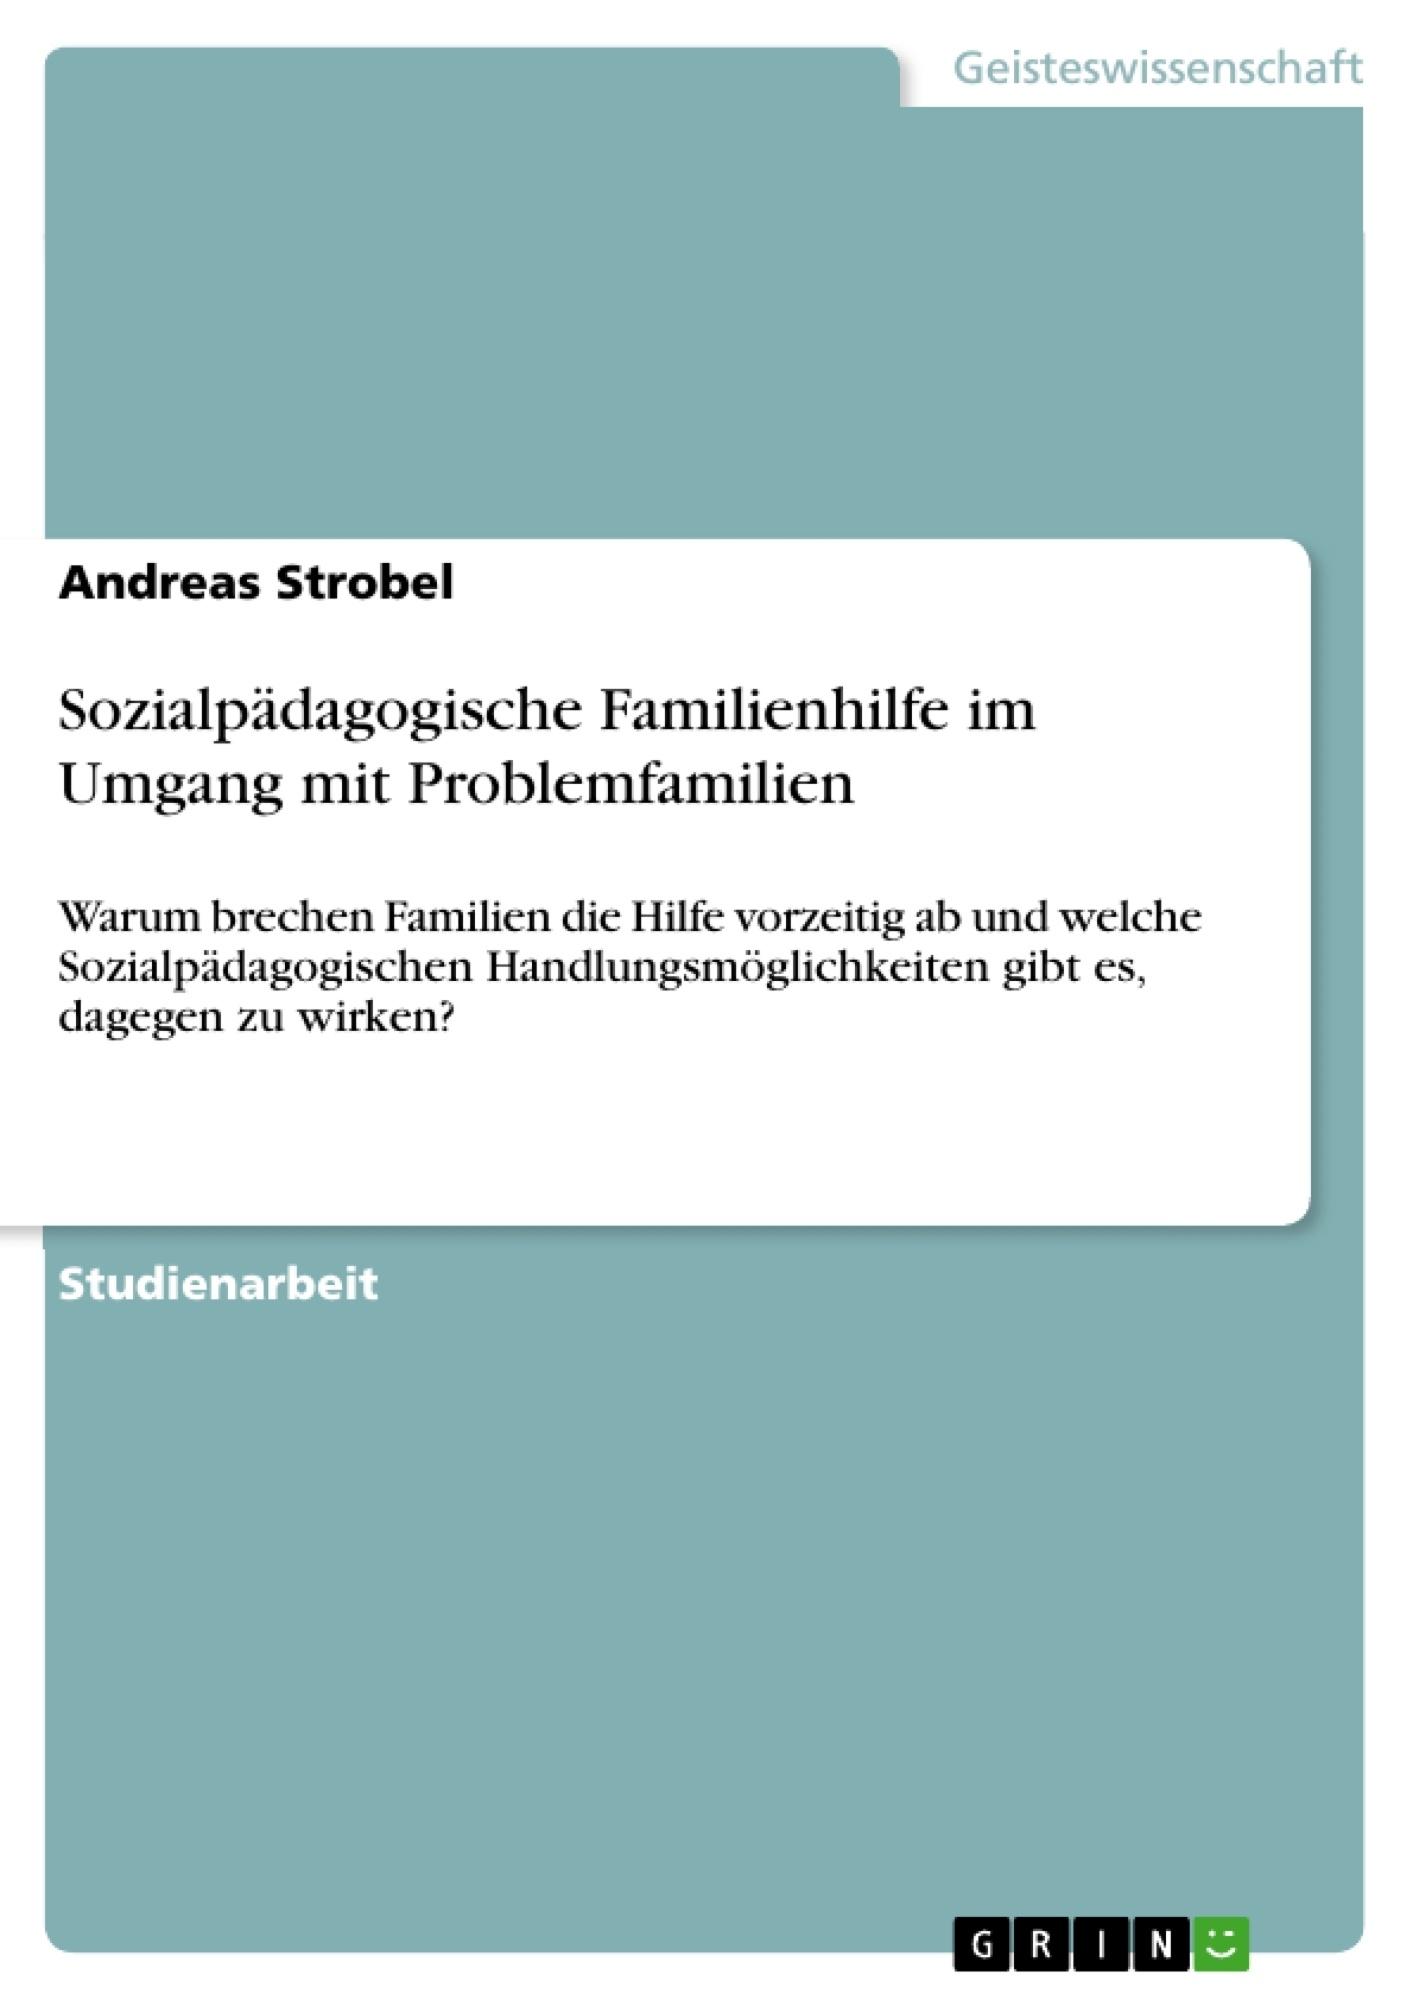 Titel: Sozialpädagogische Familienhilfe im Umgang mit Problemfamilien